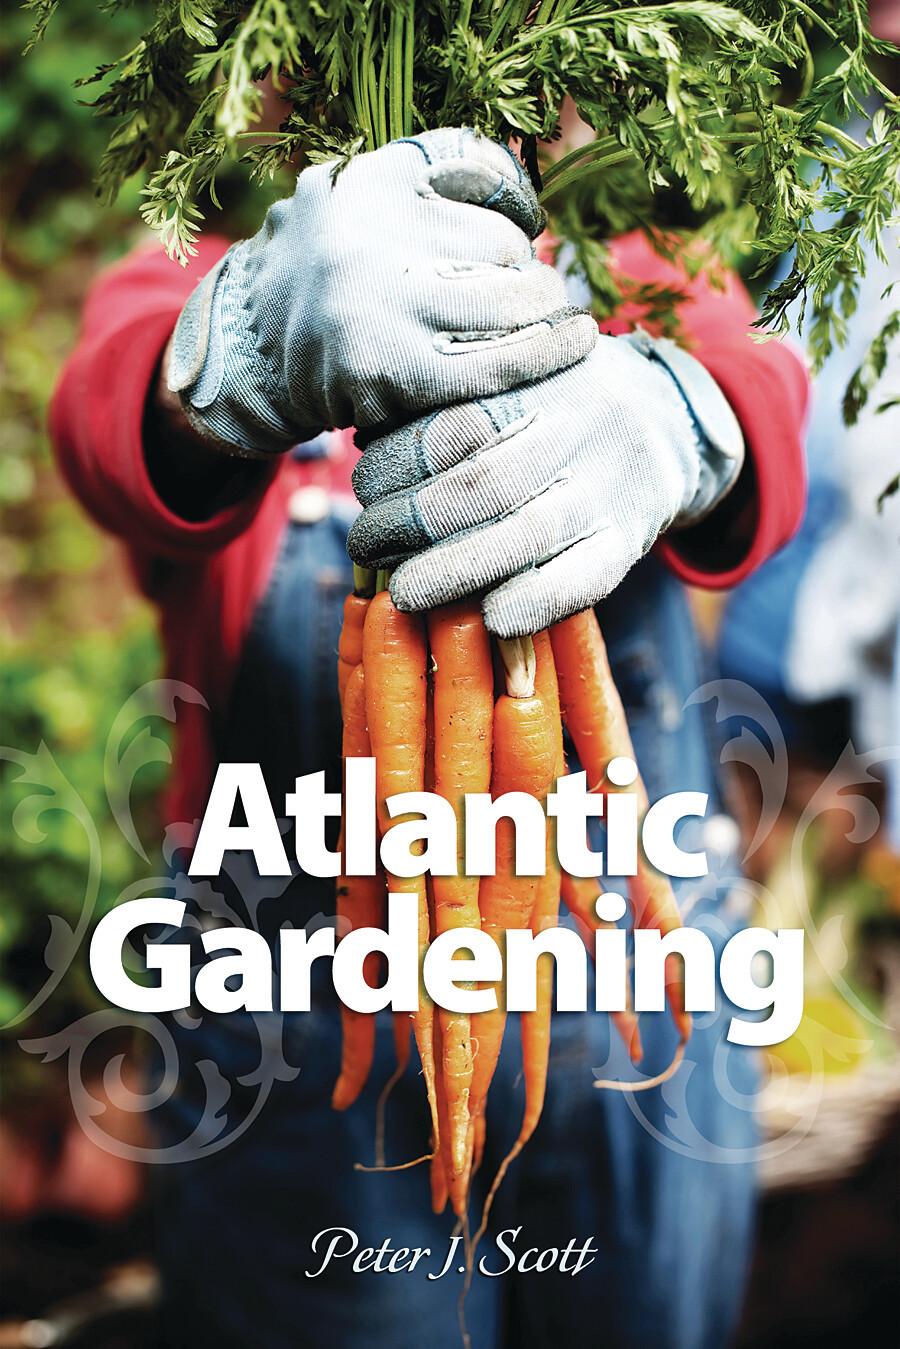 Atlantic Gardening